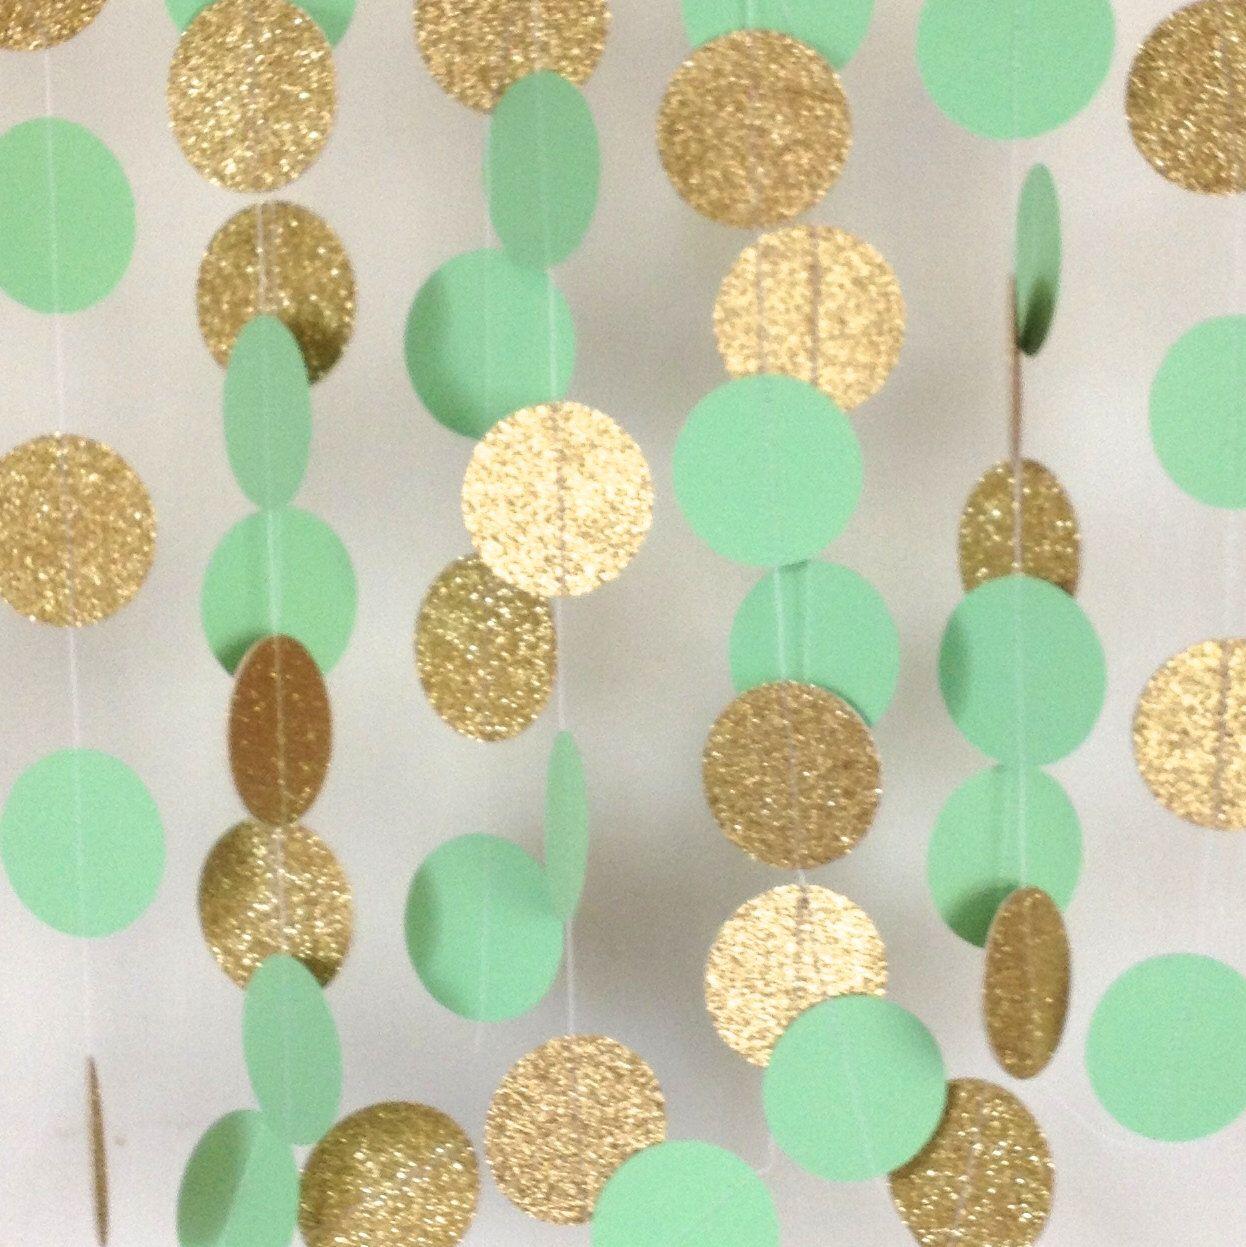 Uberlegen Mint Green And Gold Garland, Paper Garland, Mint Garland, Bridal Shower  Garland,